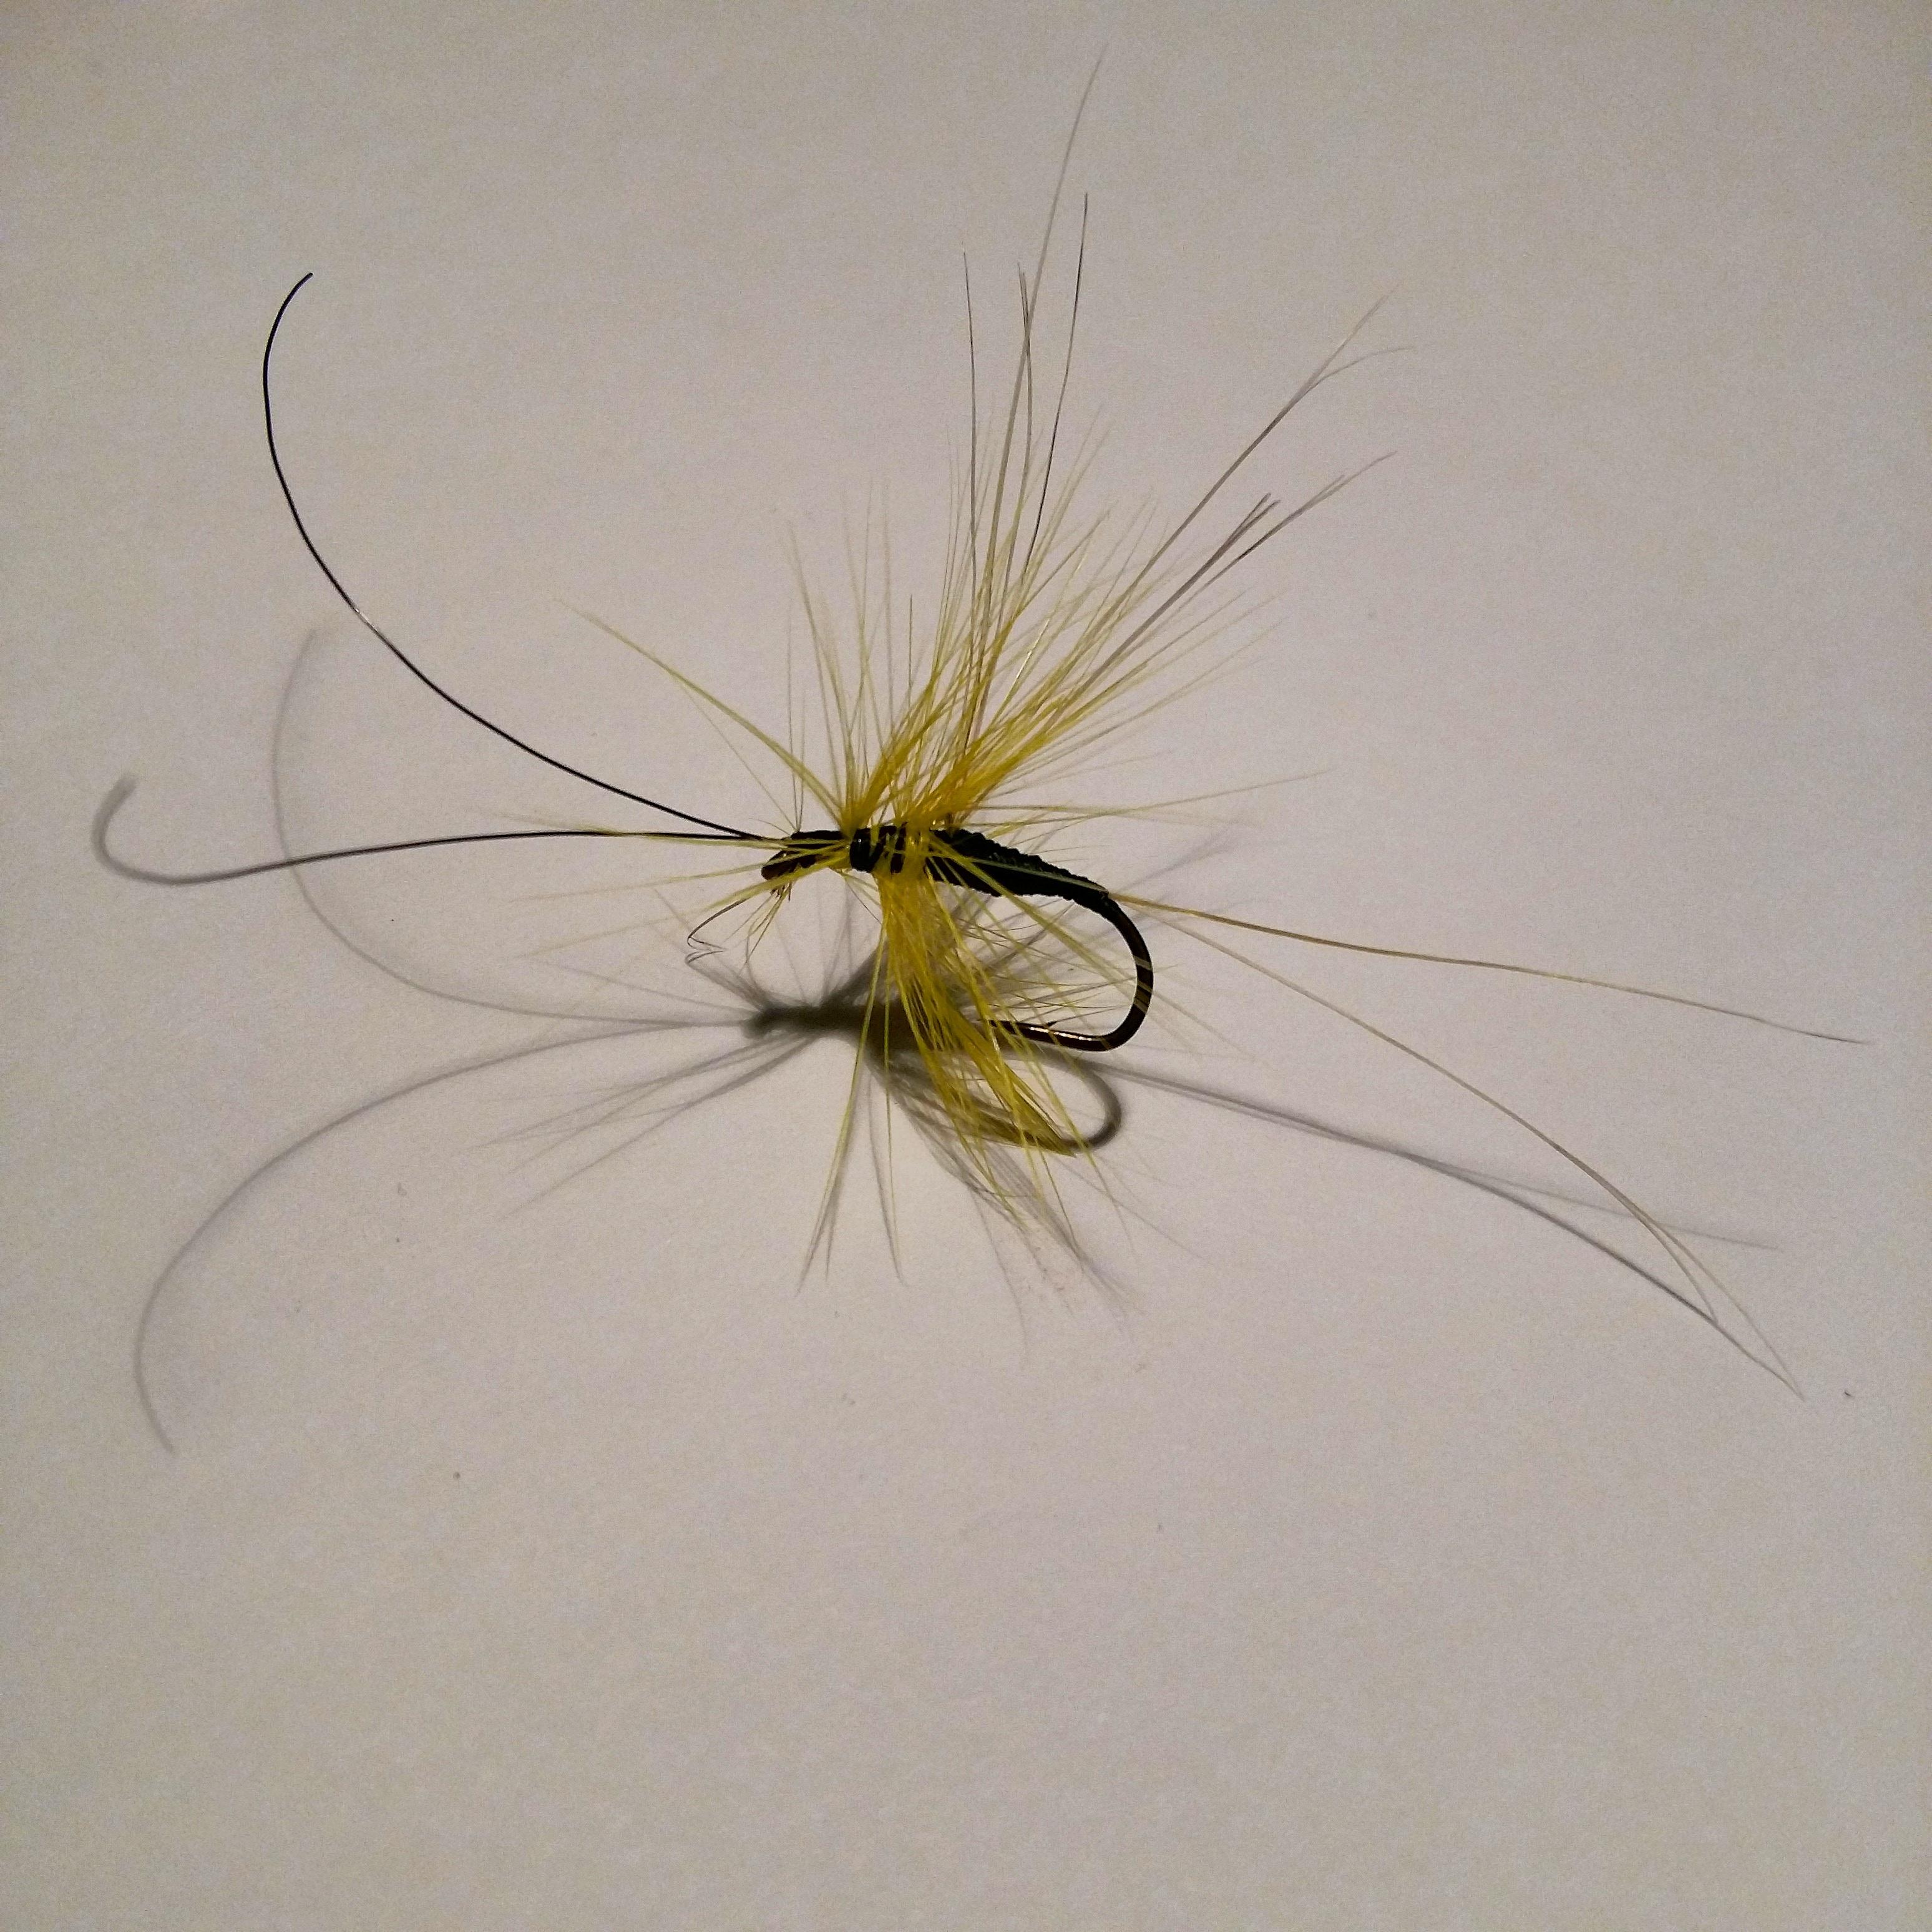 flyfishing LM 17